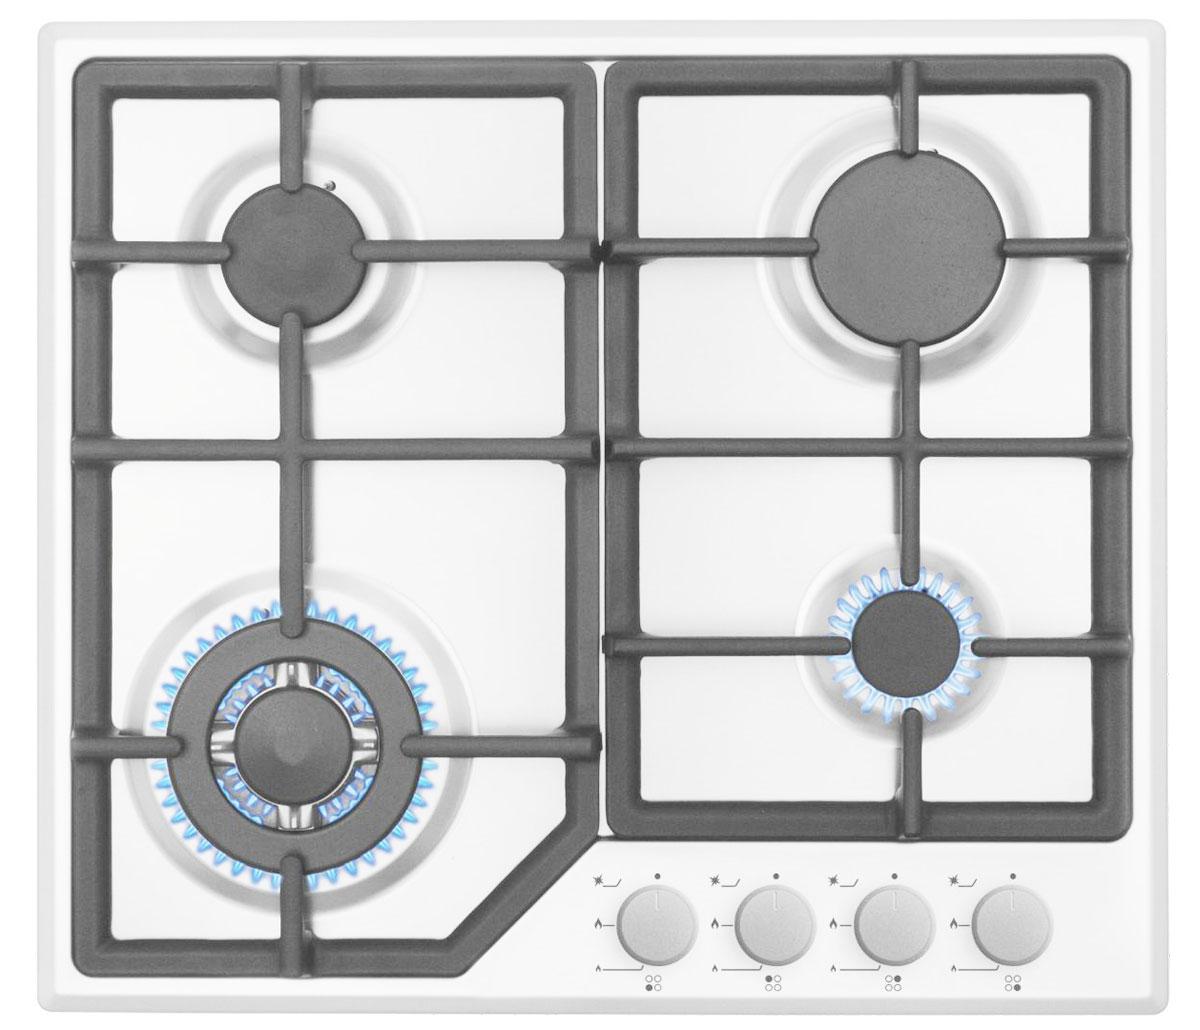 Simfer H60M41W412 панель варочная газоваяH60M41W412Simfer H60M41W412 - независимая газовая варочная поверхность с 4 конфорками различной мощности и удобной фронтальной панелью управления. Данная модель имеет функцию автоматического розжига для дополнительного удобства в повседневном использовании. WOK конфорка 3600 Вт 2 стандартные конфорки 1750 Вт 1 экономичная конфорка 1000 Вт